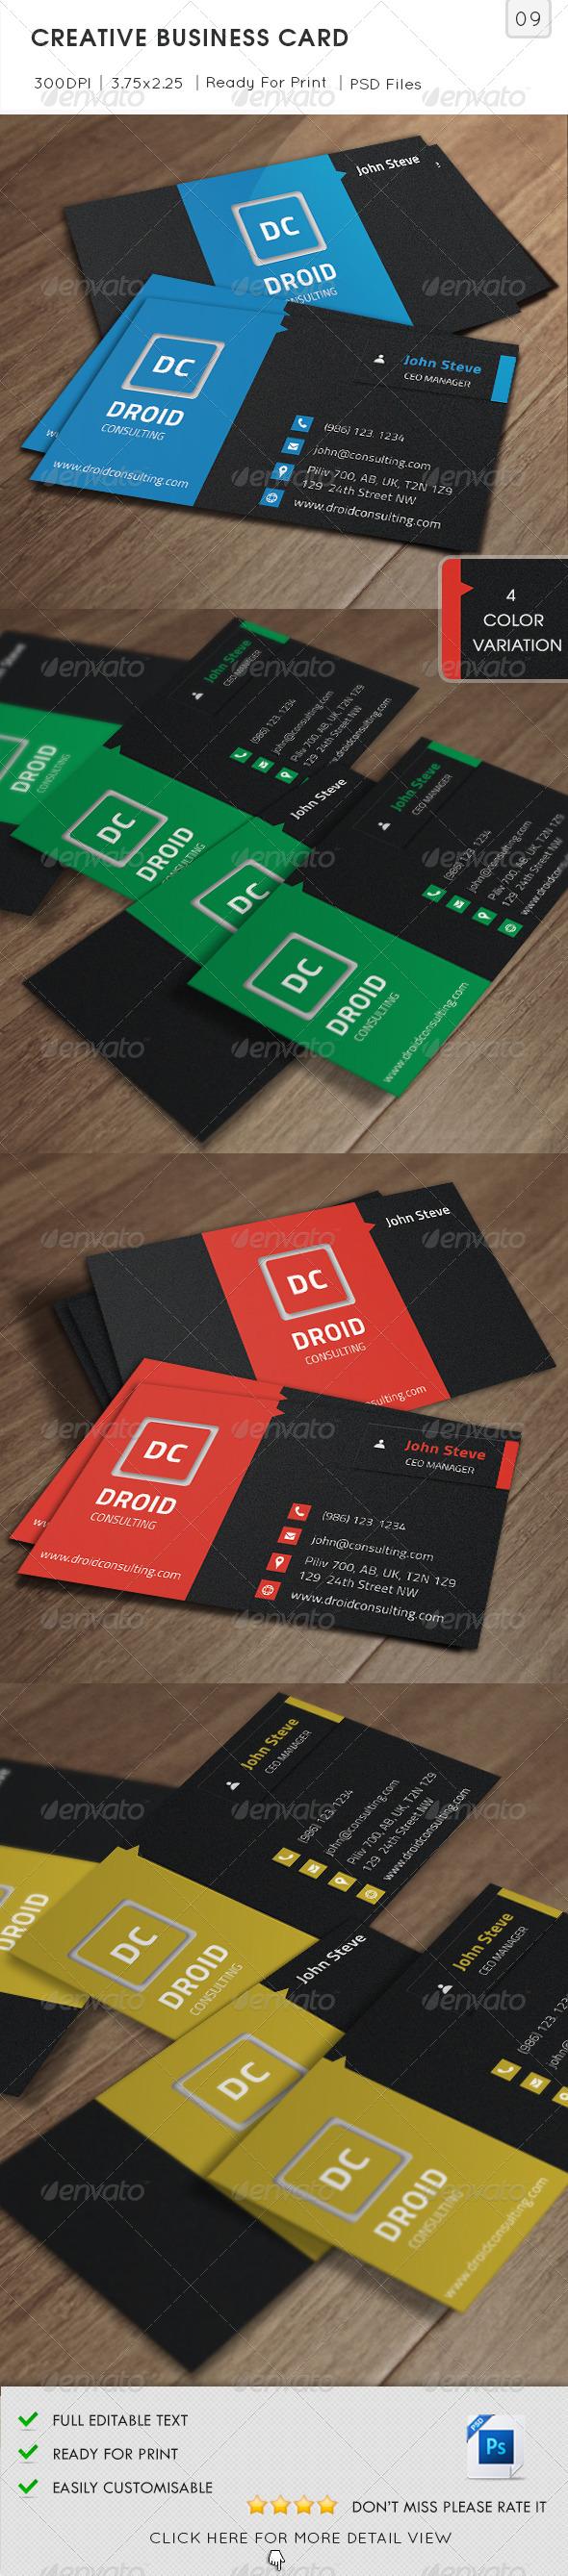 GraphicRiver Creative Business Card v9 5687282